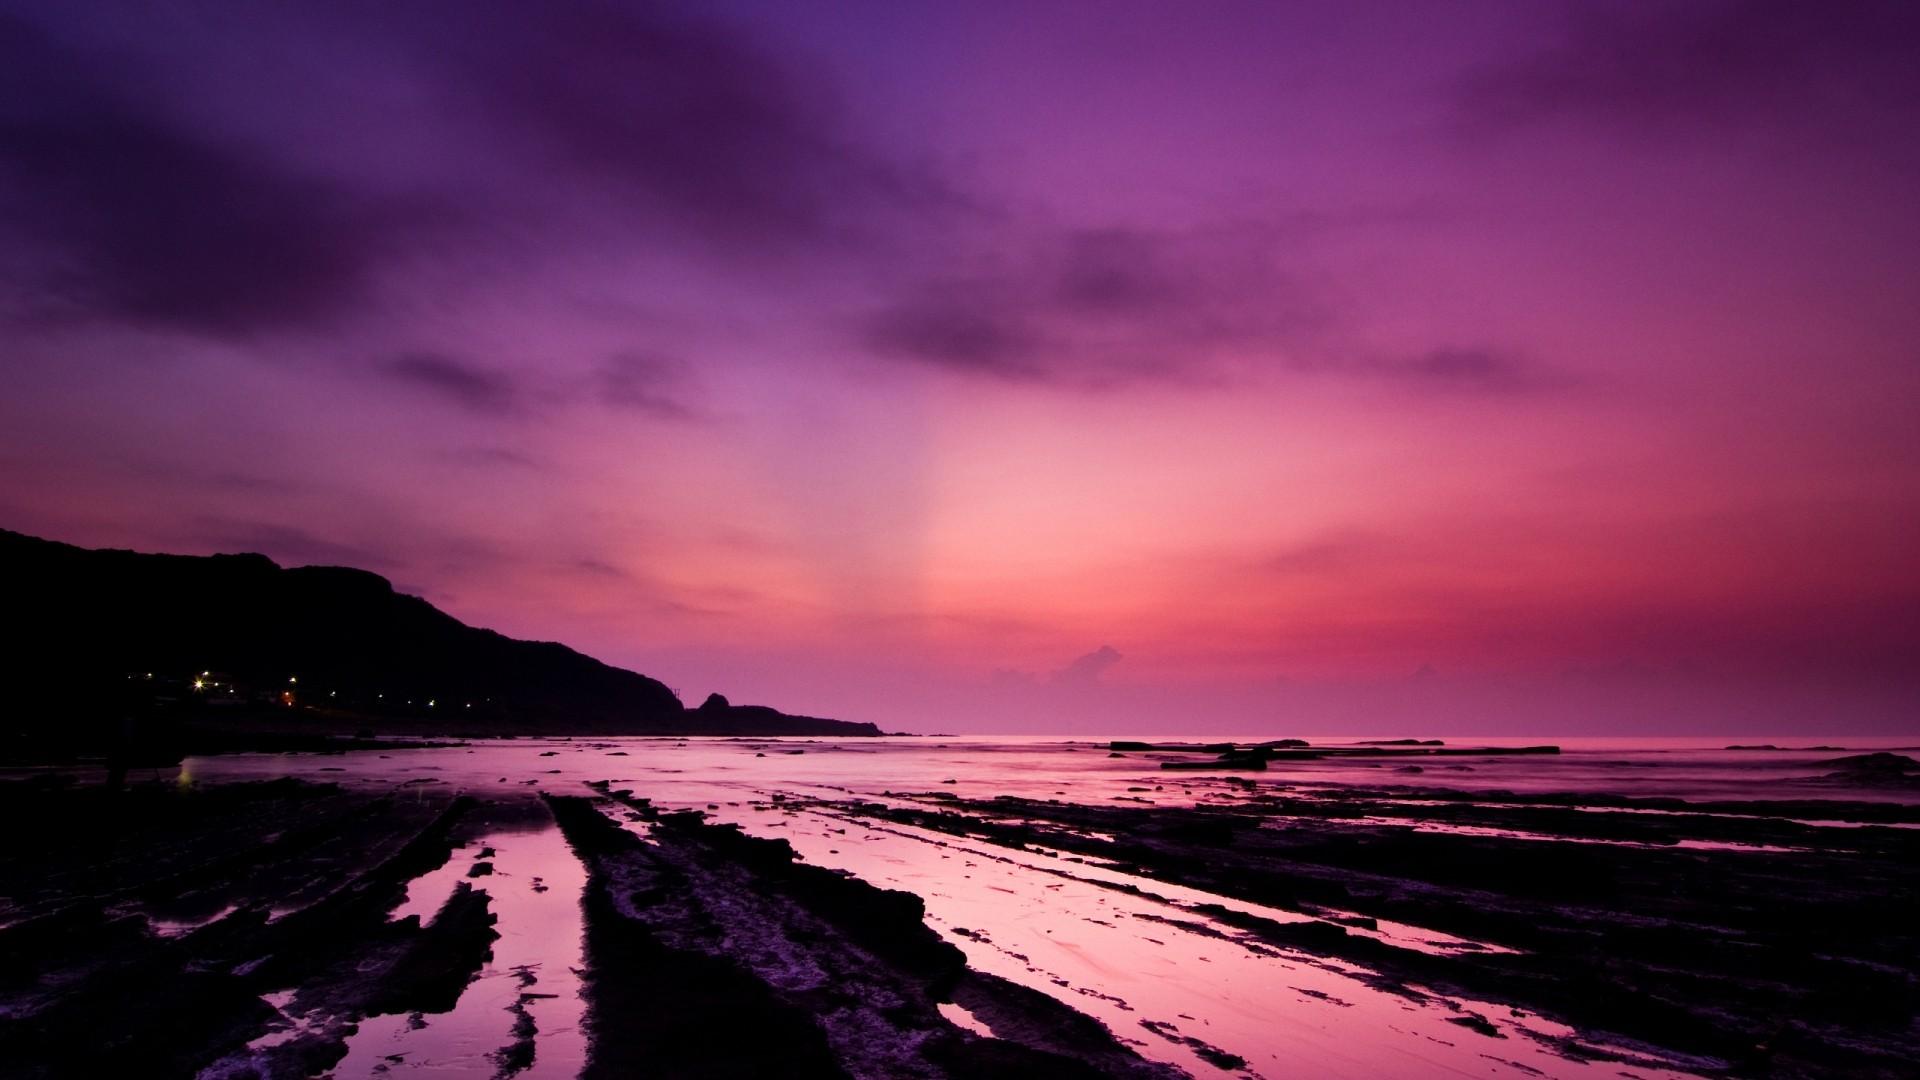 Purple Sunset wallpaper photo hd